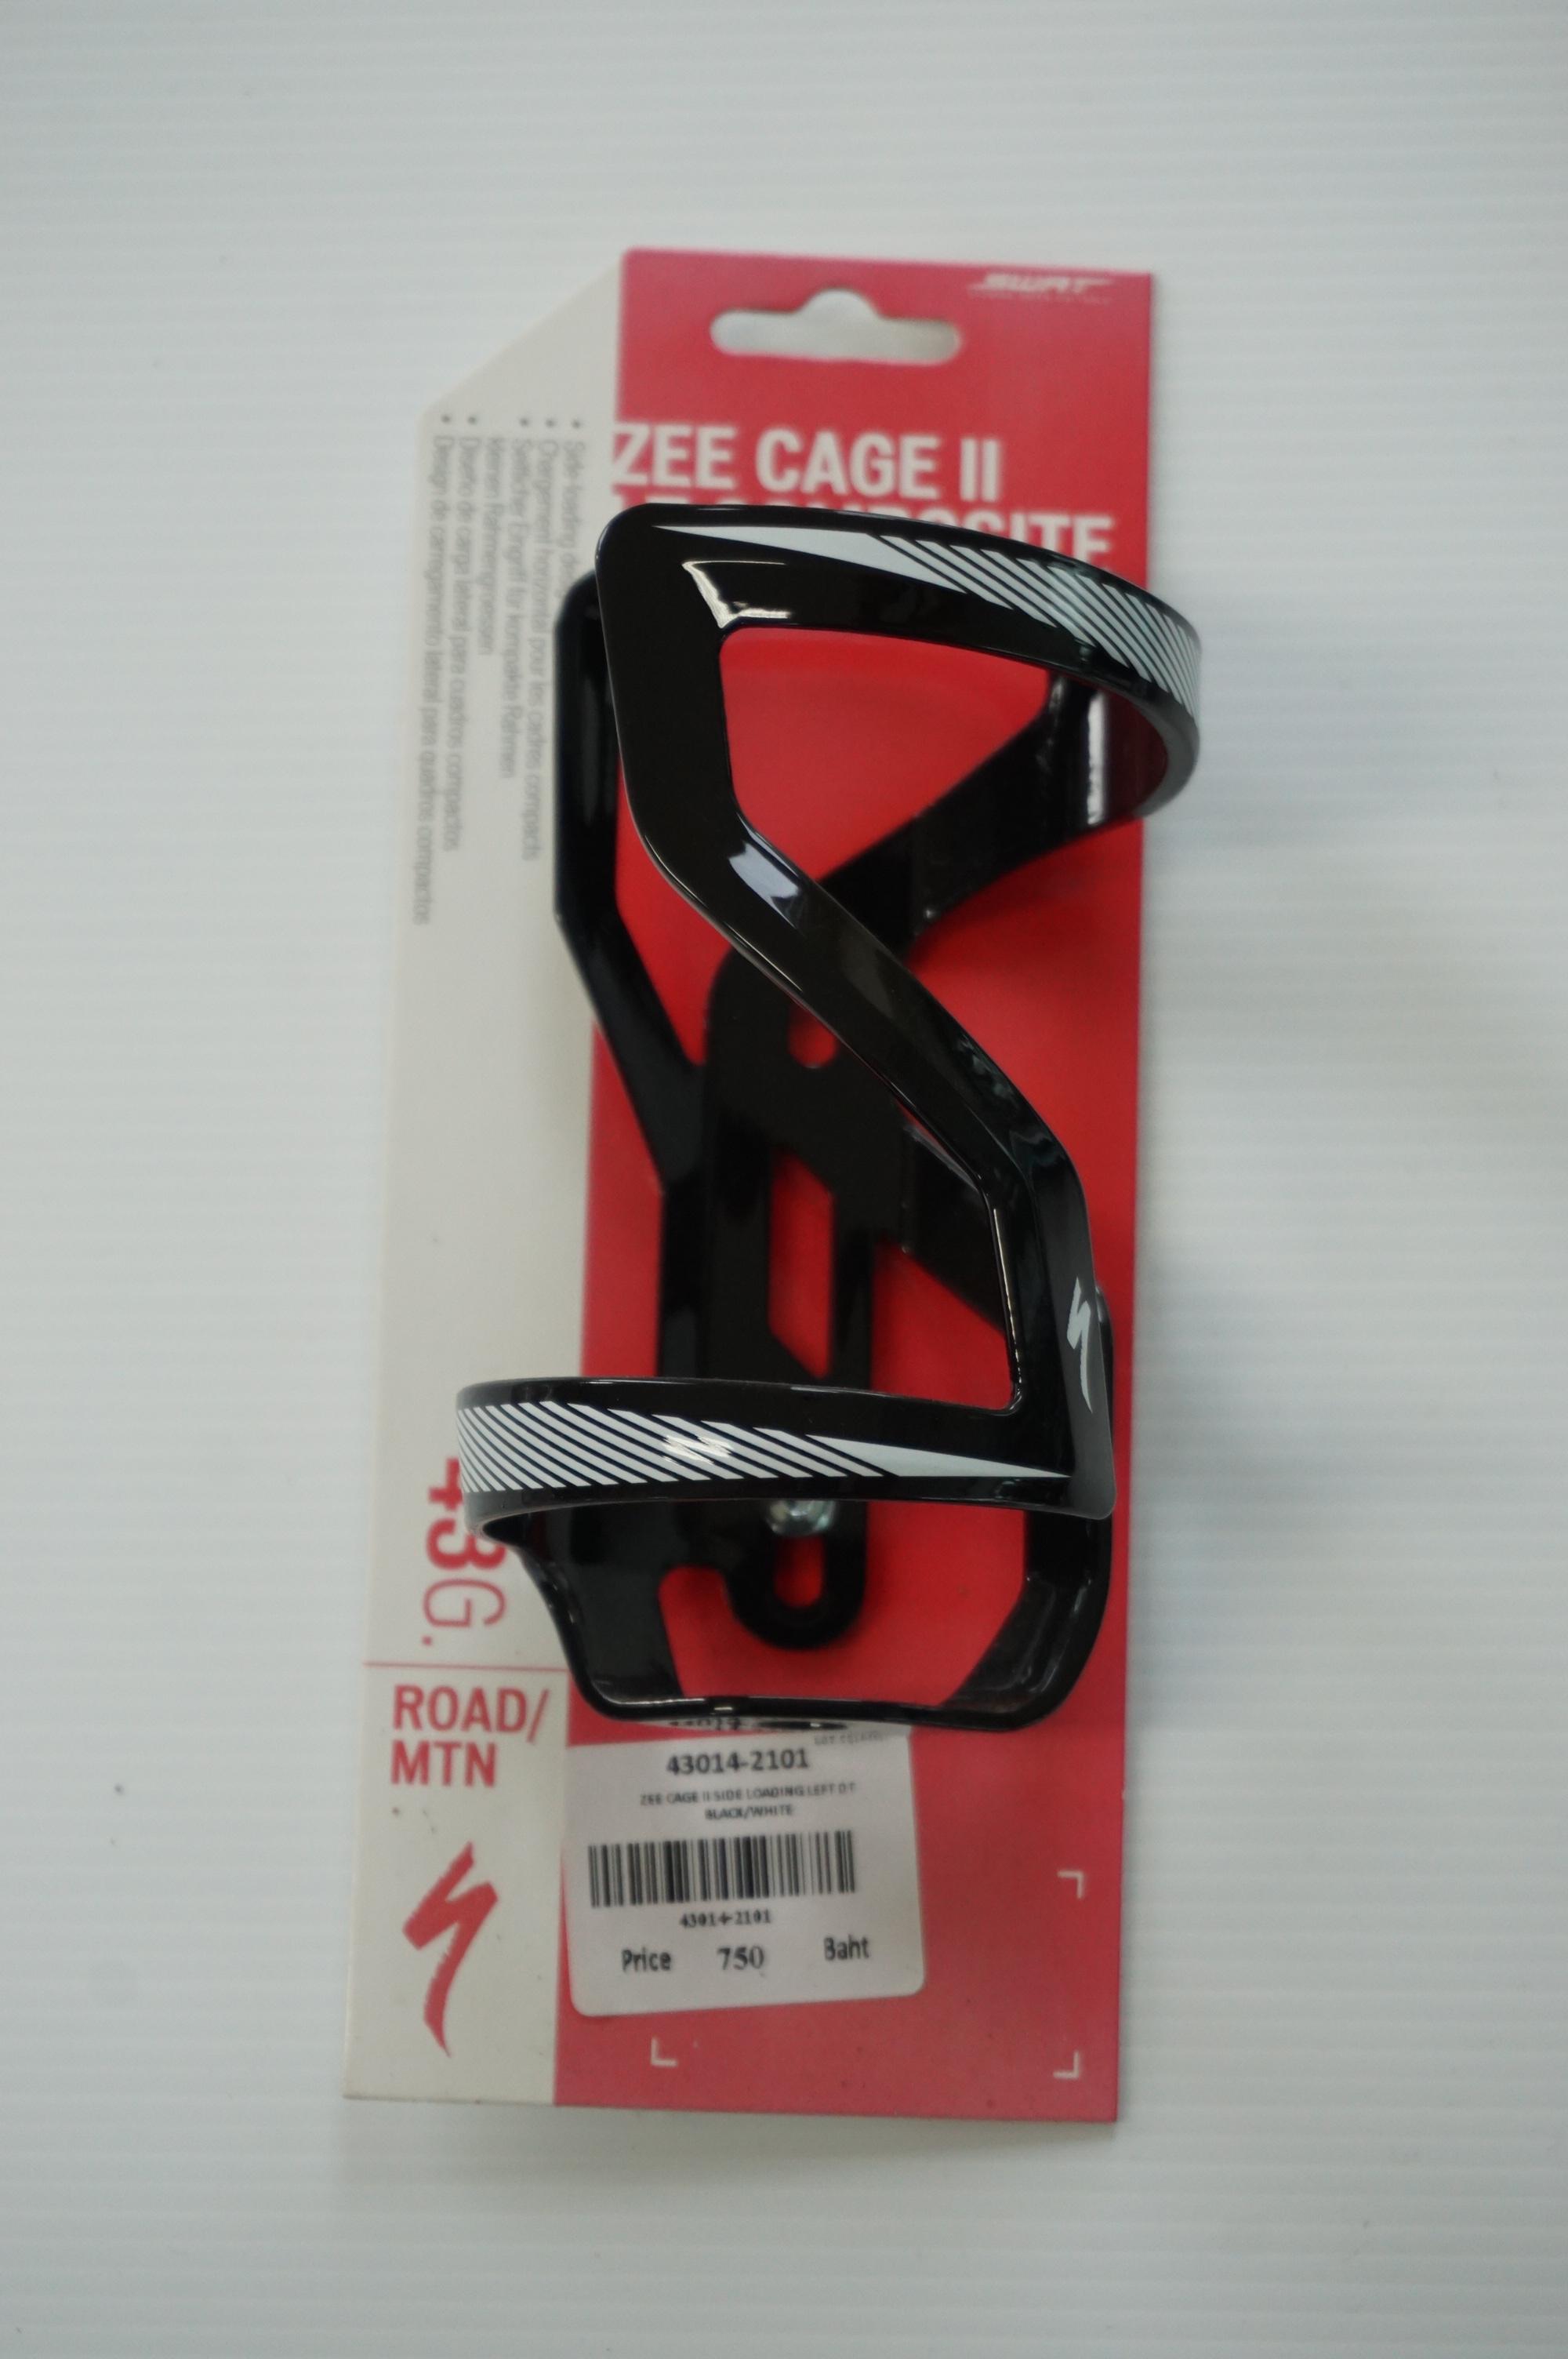 ขากระติกน้ำ ZEE สีดำขาว ZEE CAGE II SIDE LOADING LEFT DT BLACKWHITE_43014-2101